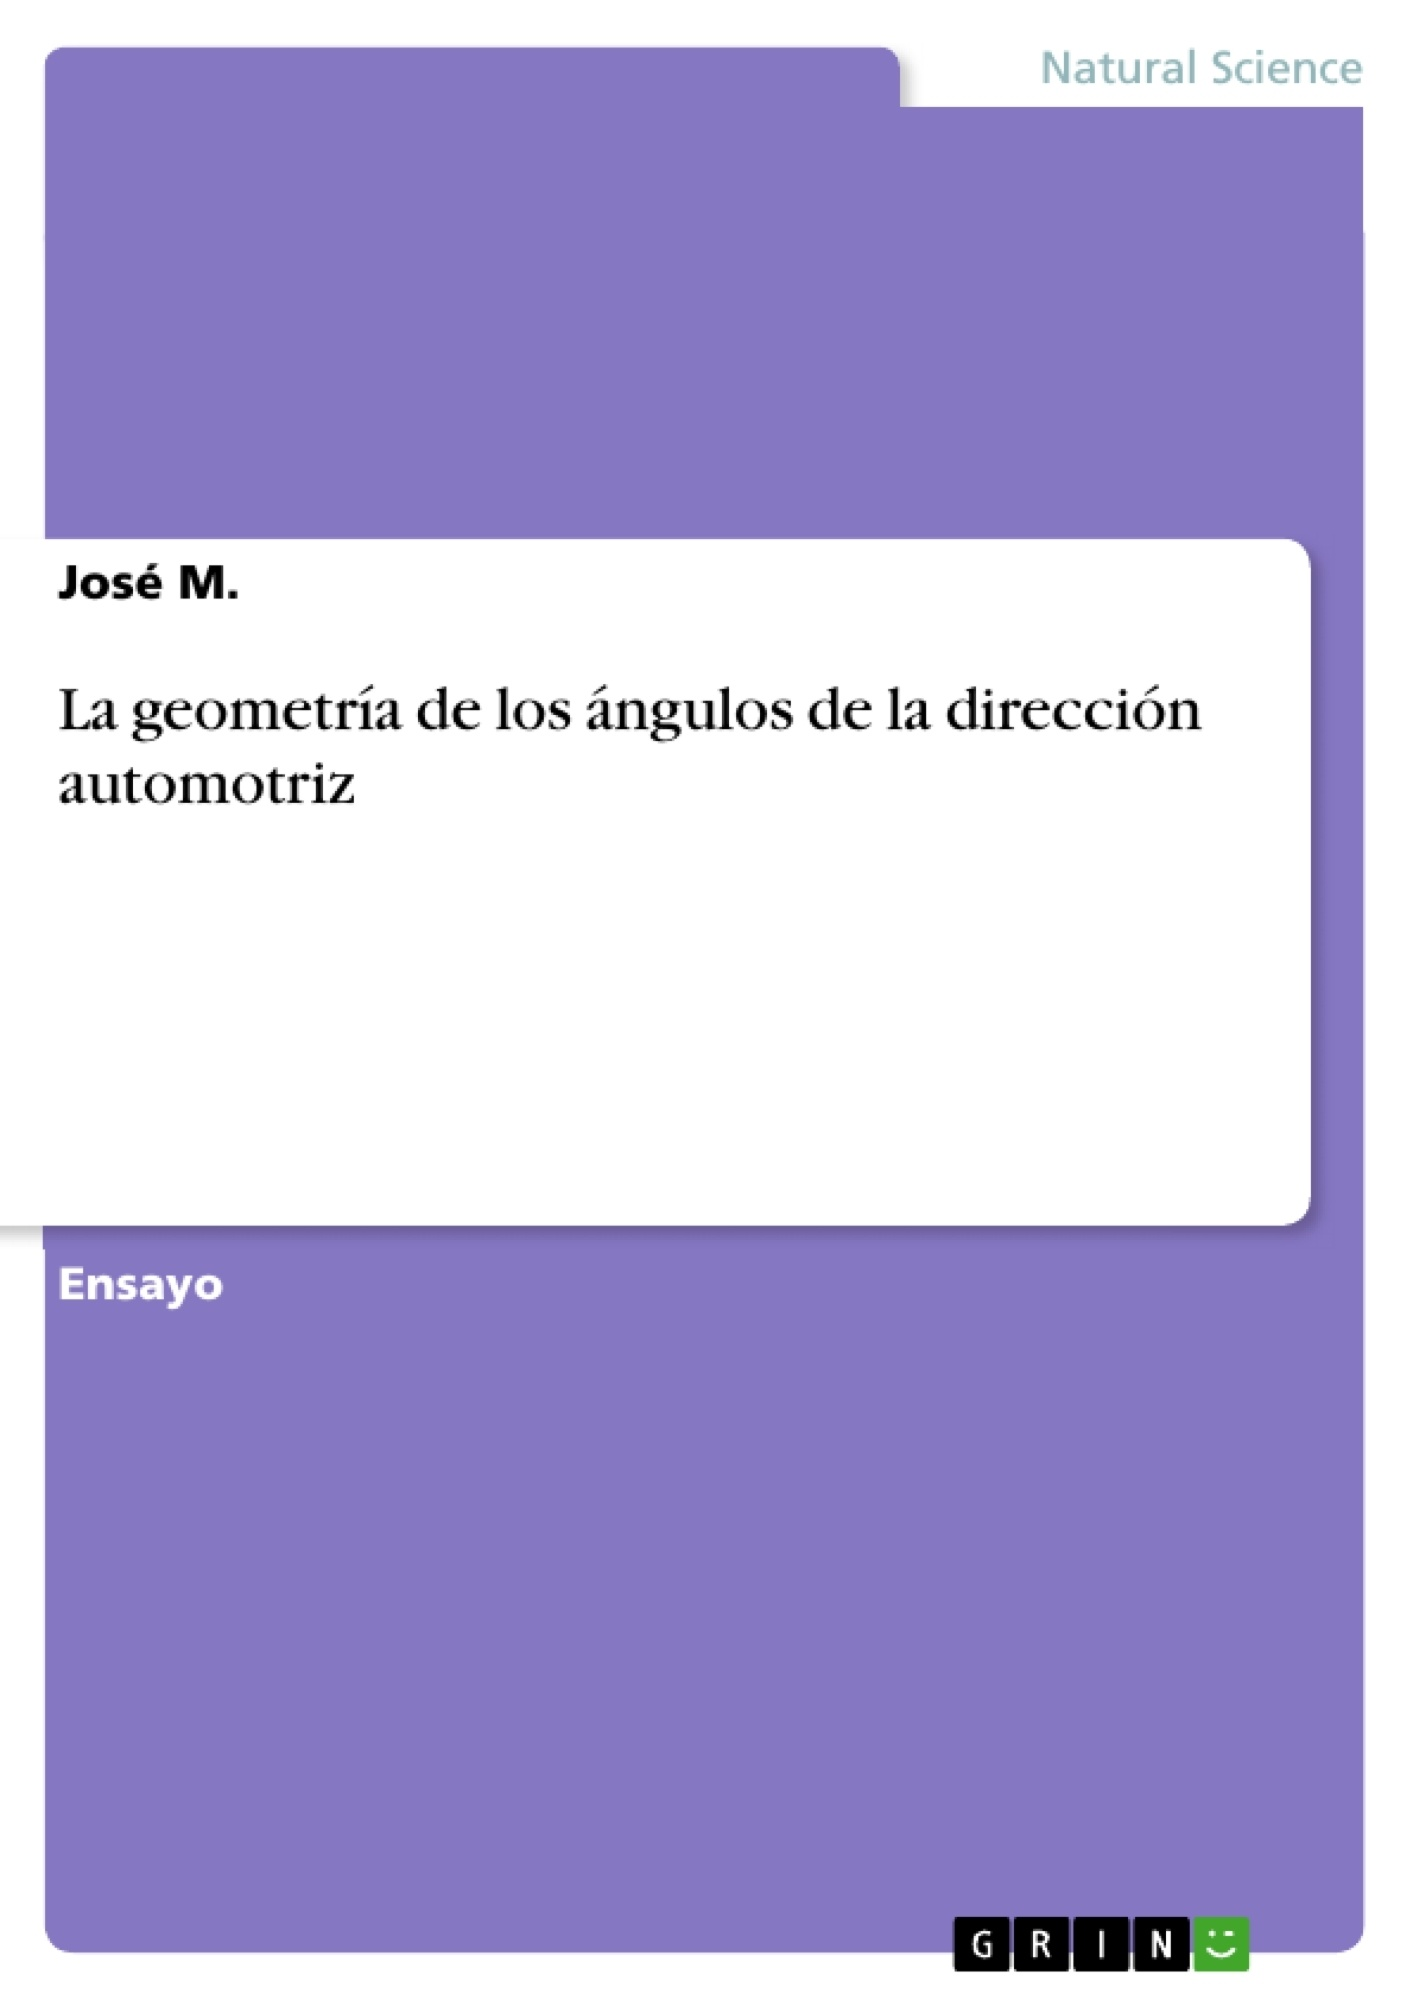 Título: La geometría de los ángulos de la dirección automotriz